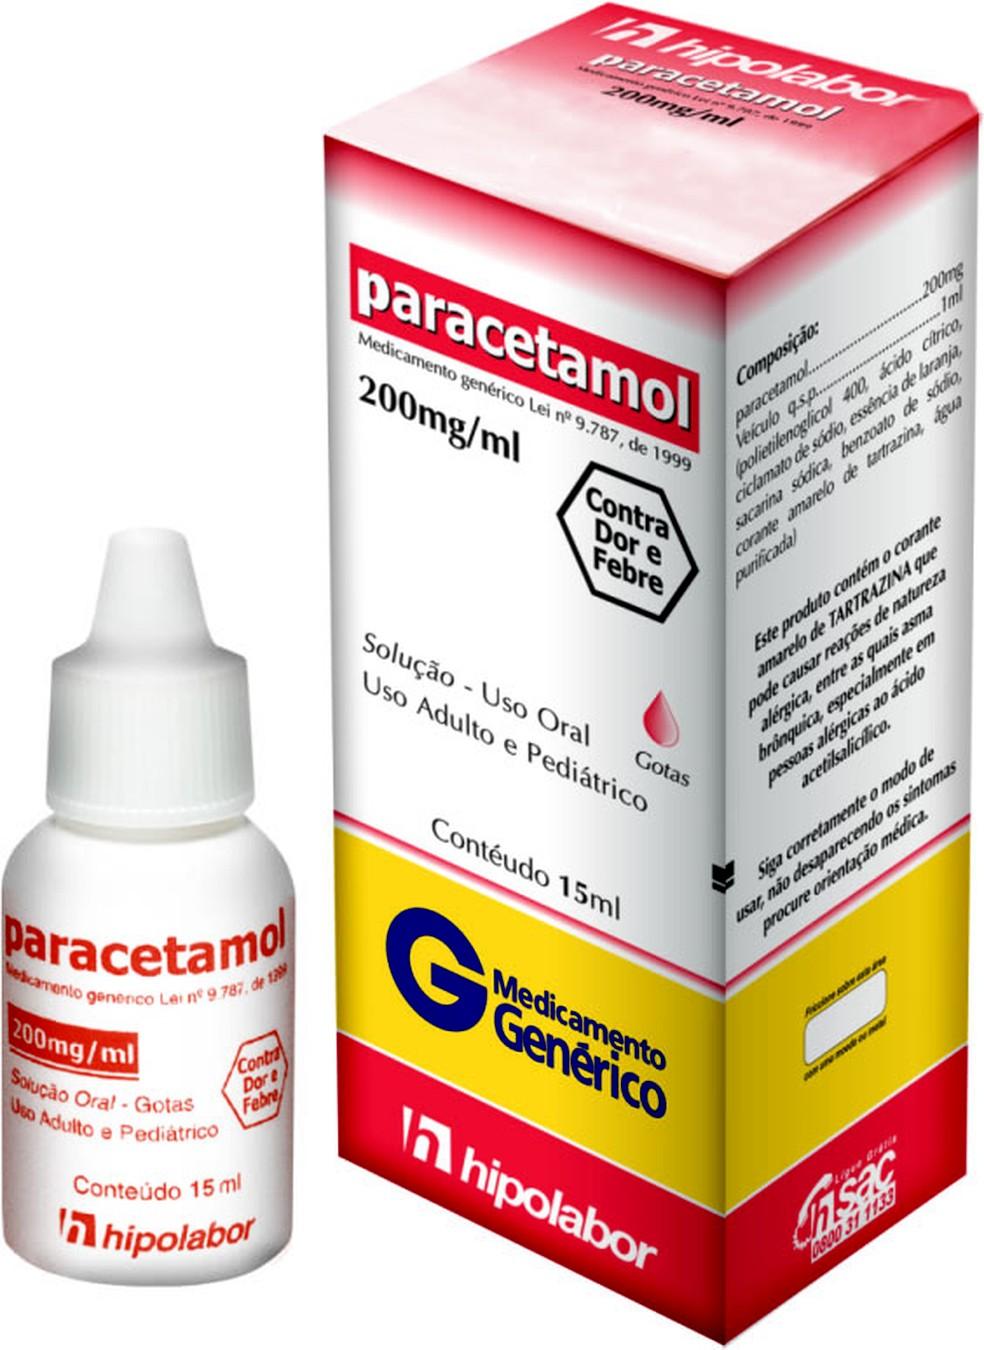 Lotes de paracetamol em gotas foram suspensos pela Anvisa (Foto: Divulgação)